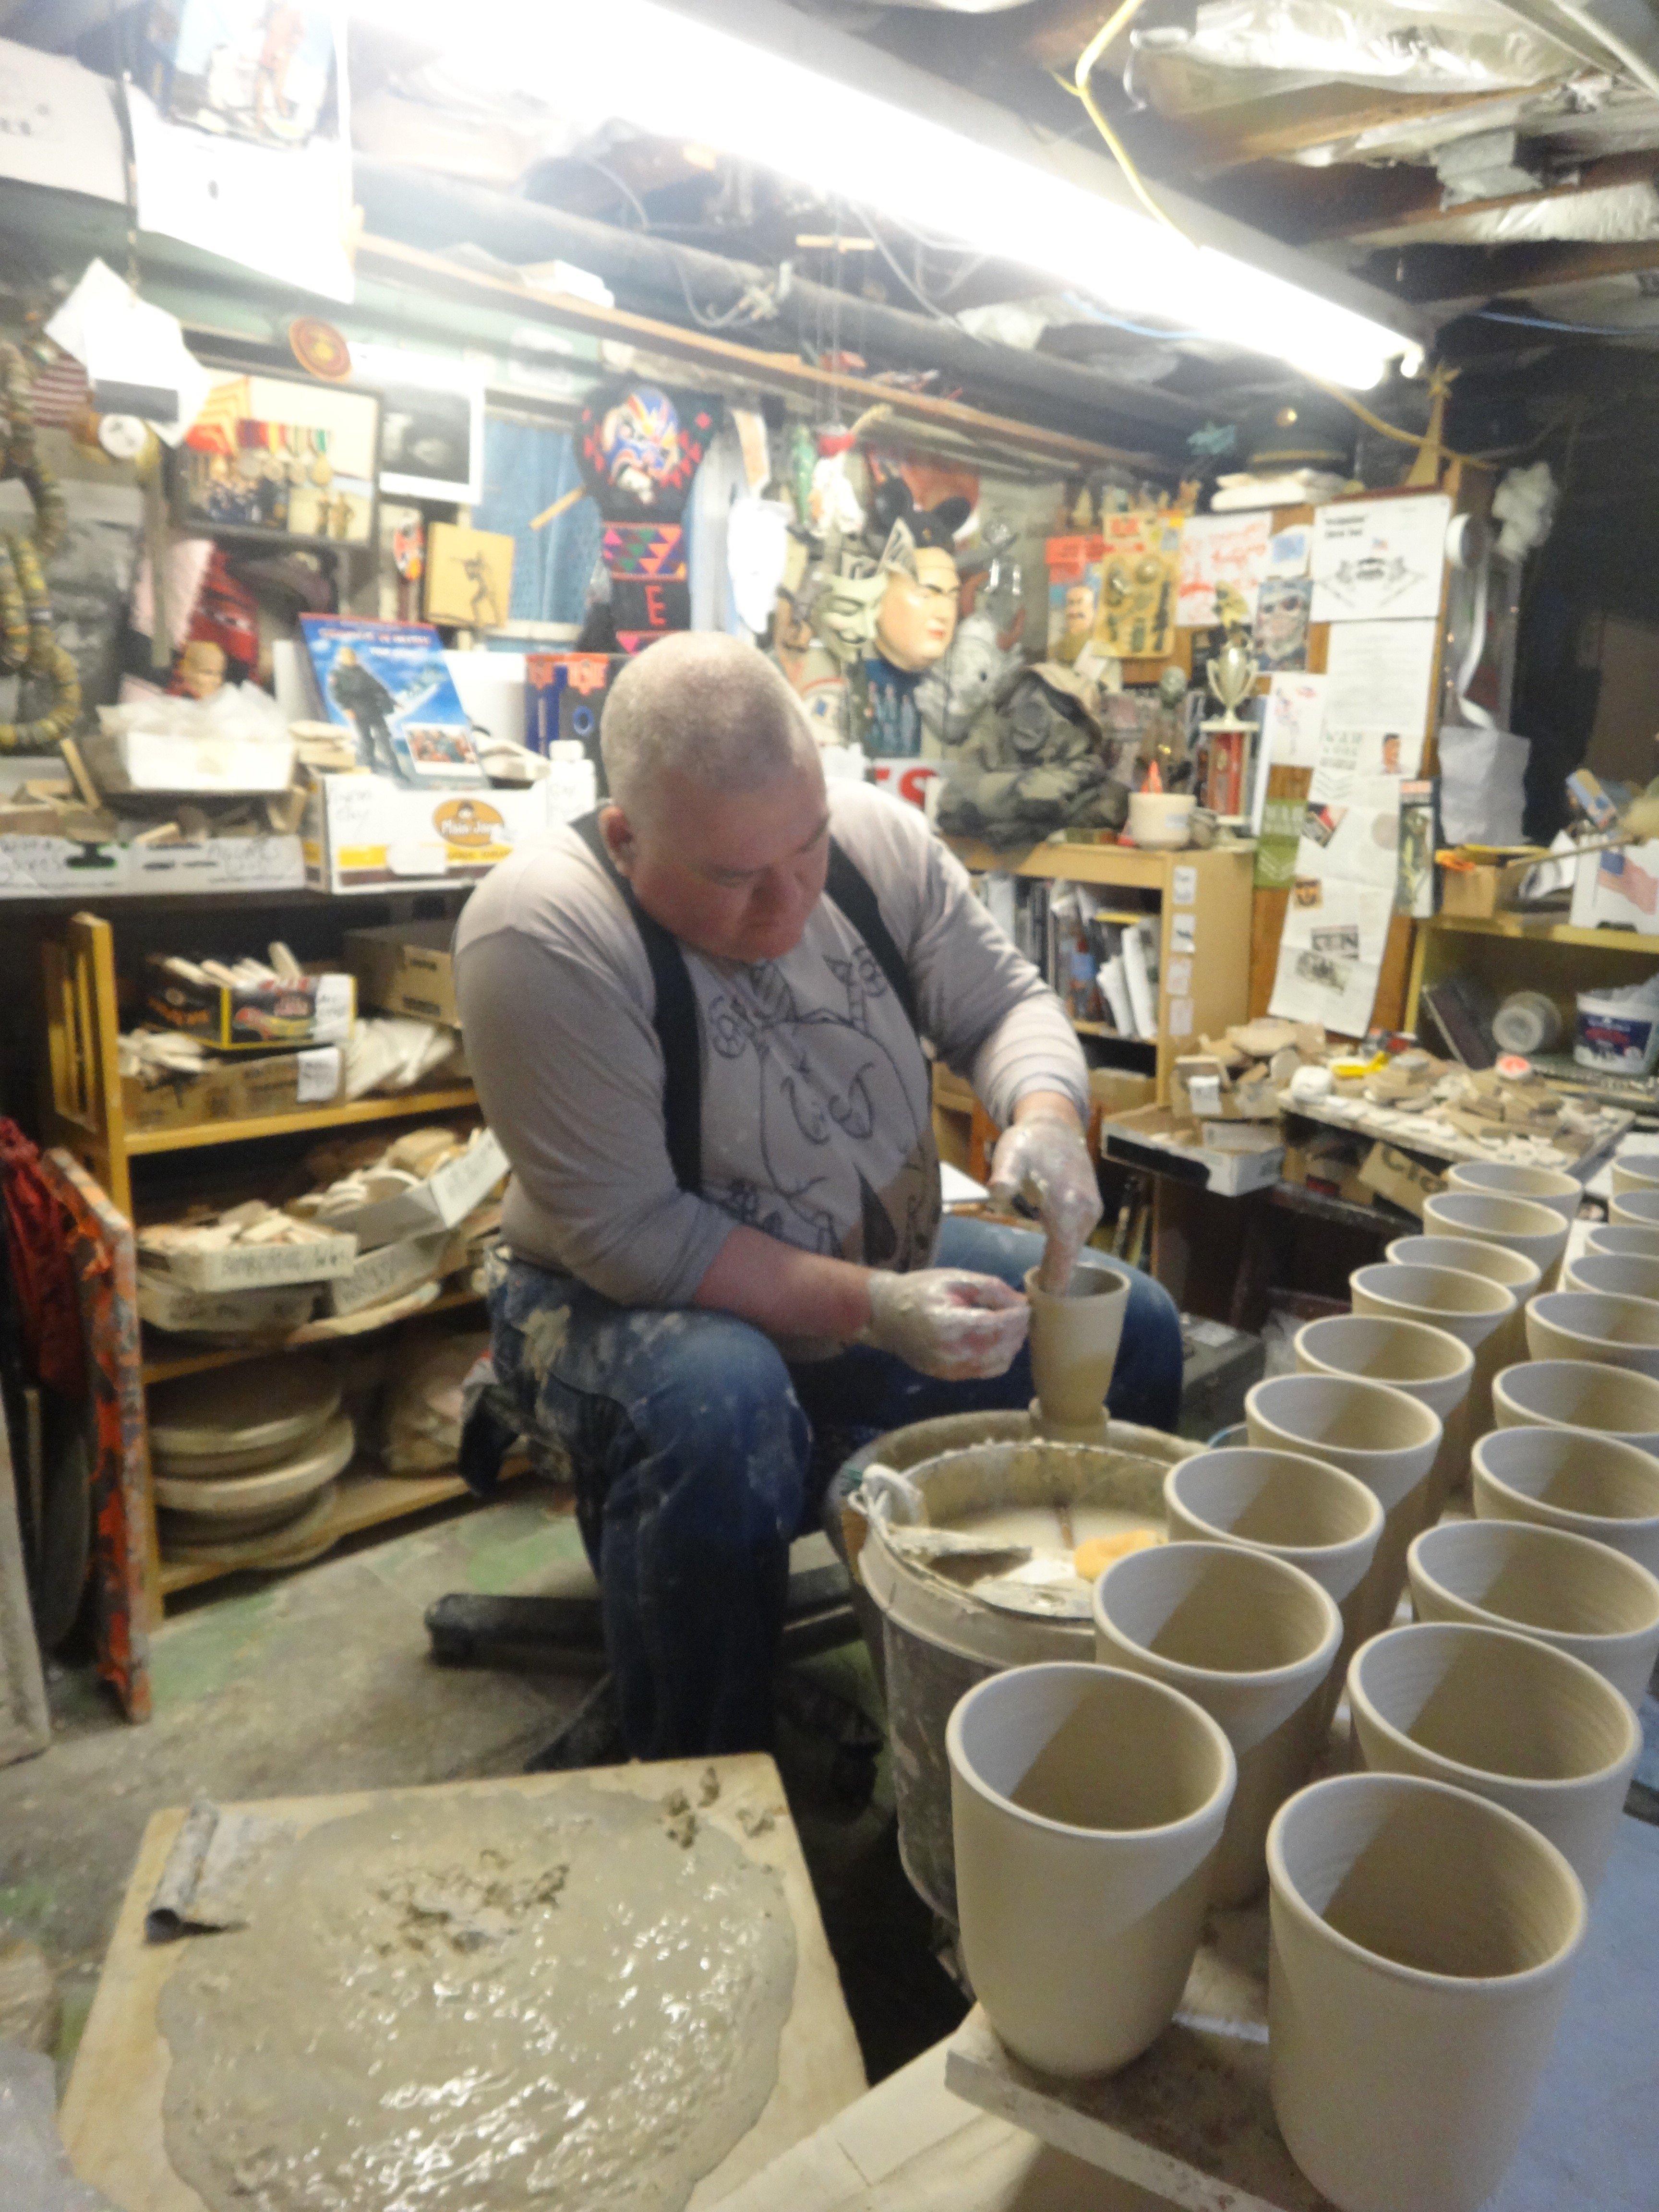 Ceramic artist Ehren Tool